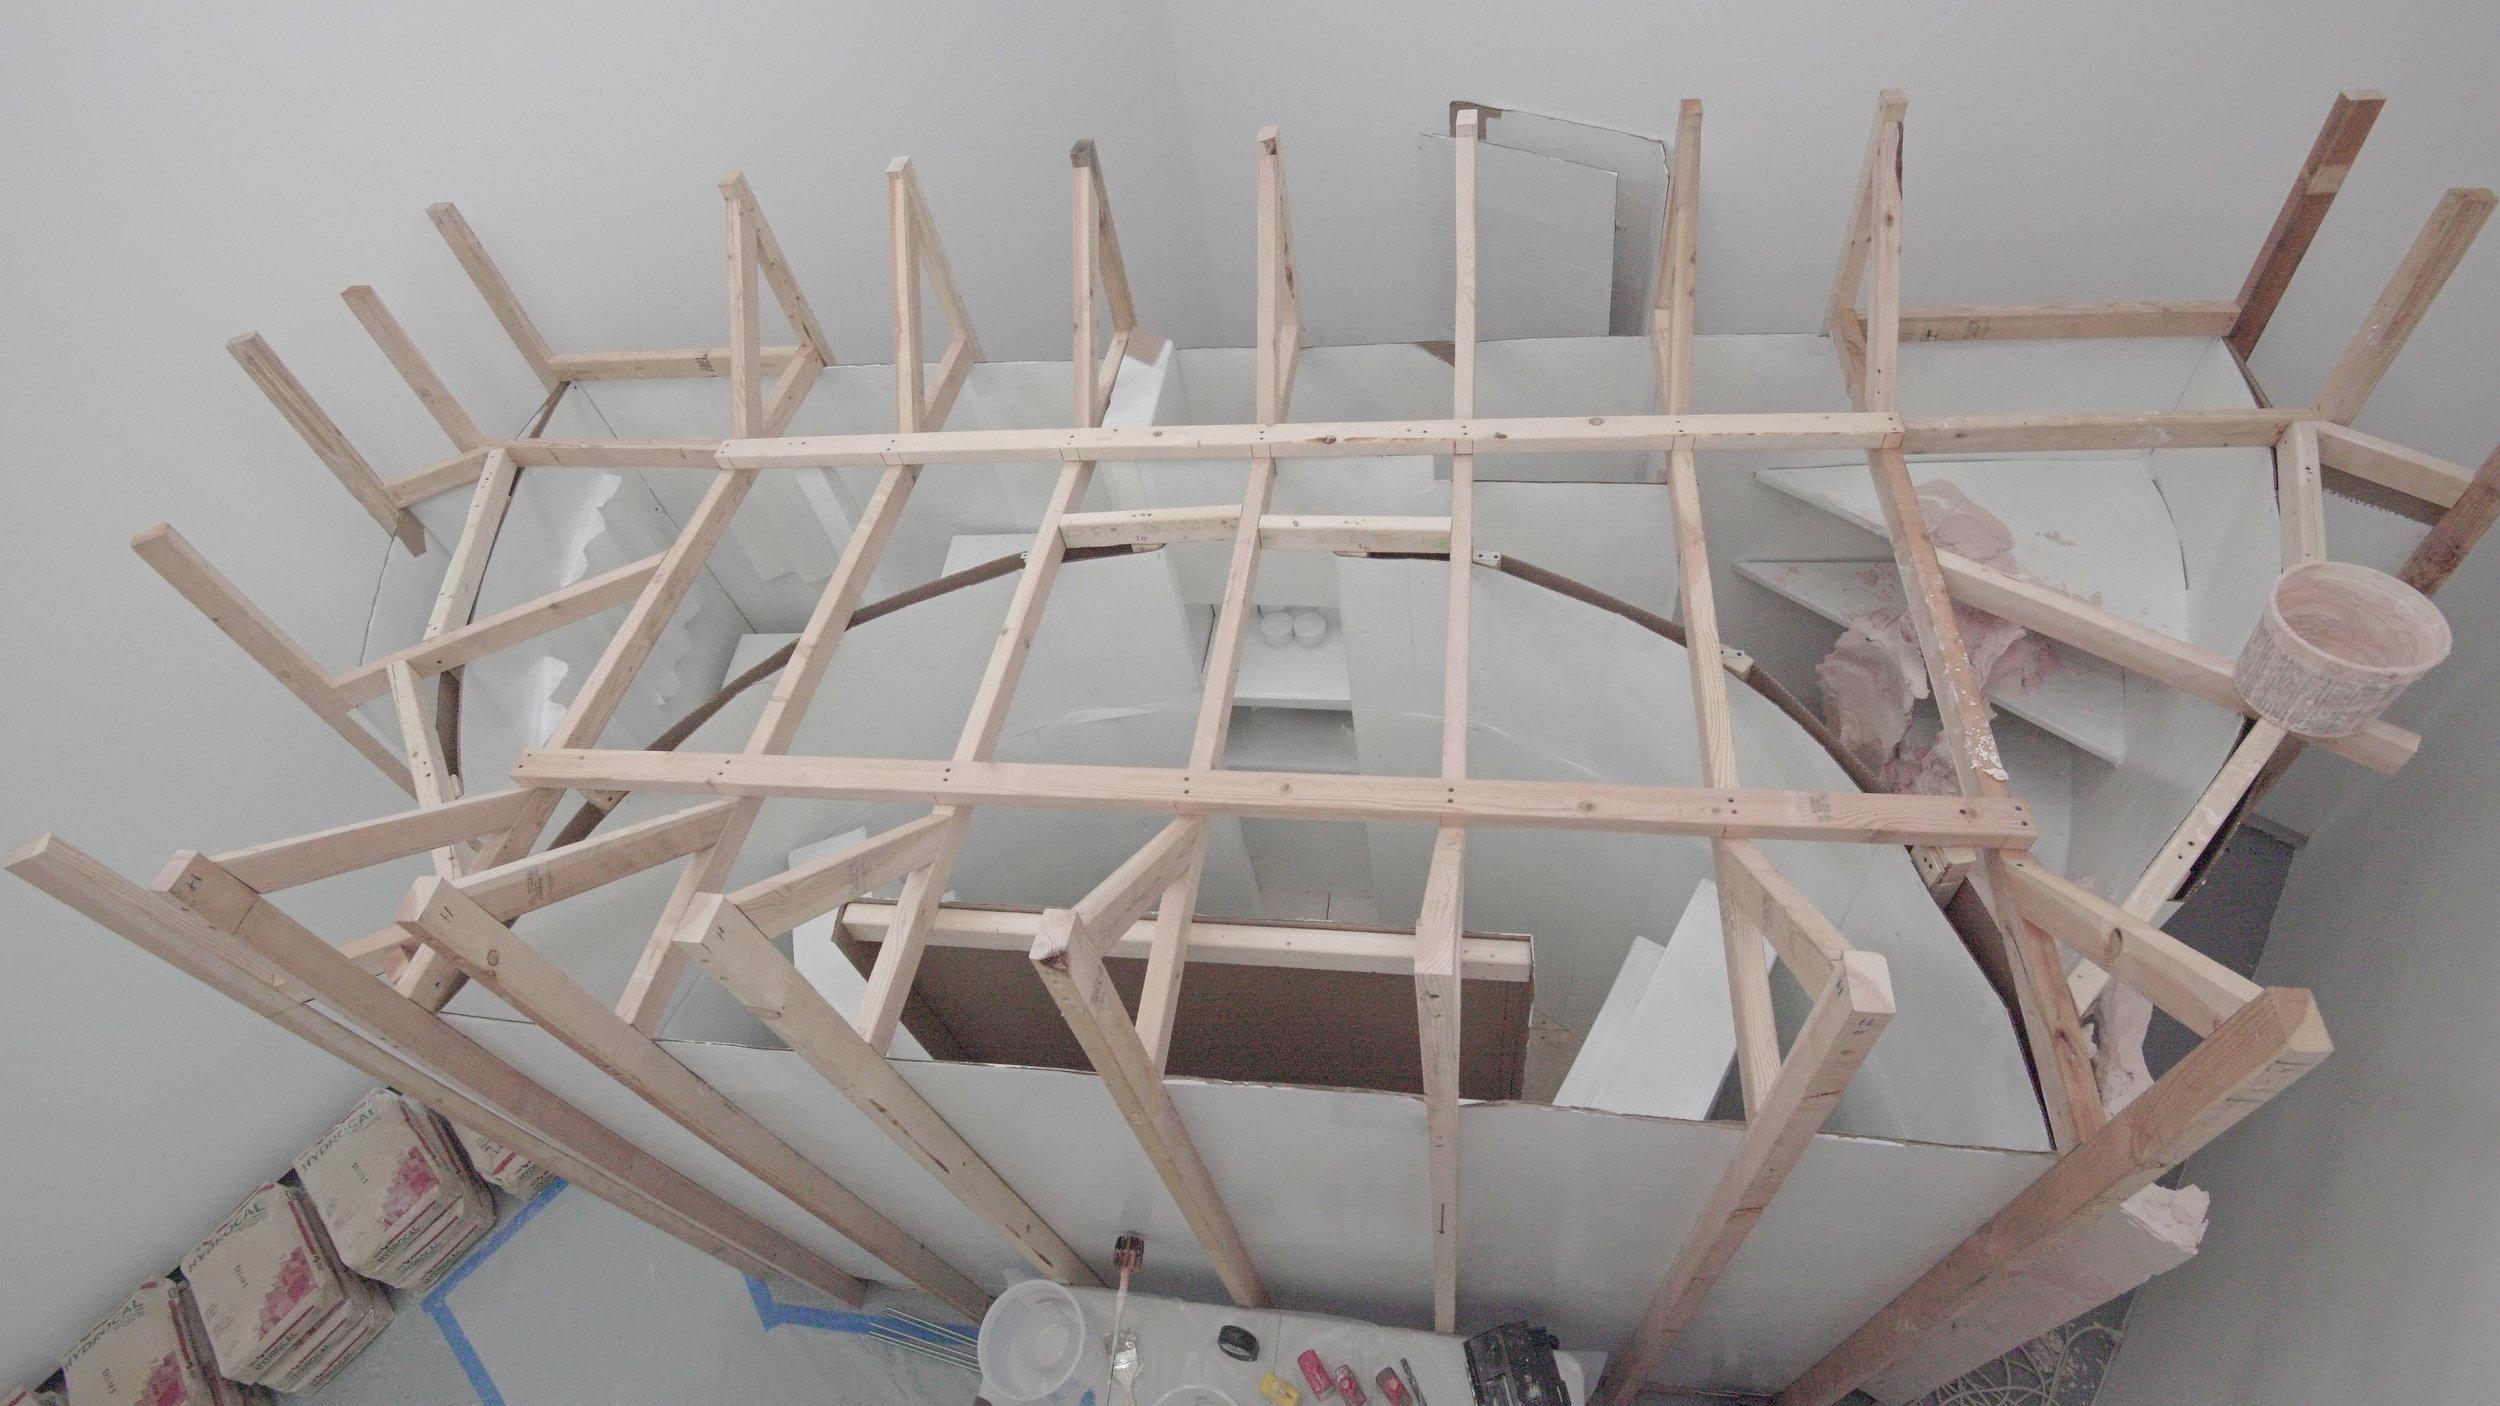 Shee, 2018  (work in progress)  wood, cardboard, enamel paint, plastic, plaster